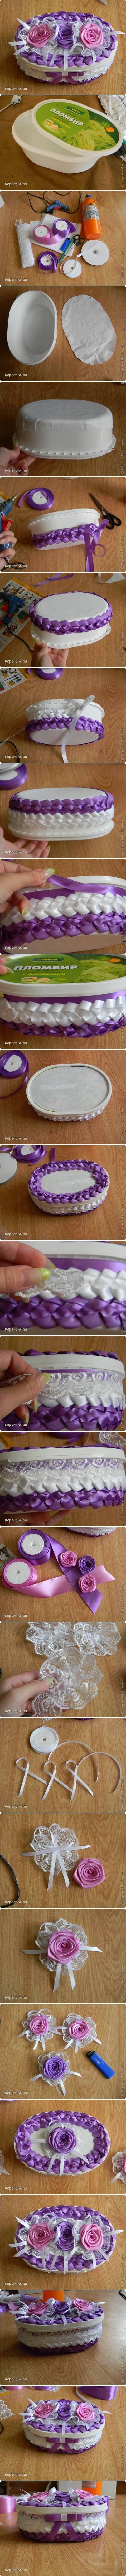 DIY Box of Ribbon DIY Projects | UsefulDIY.com